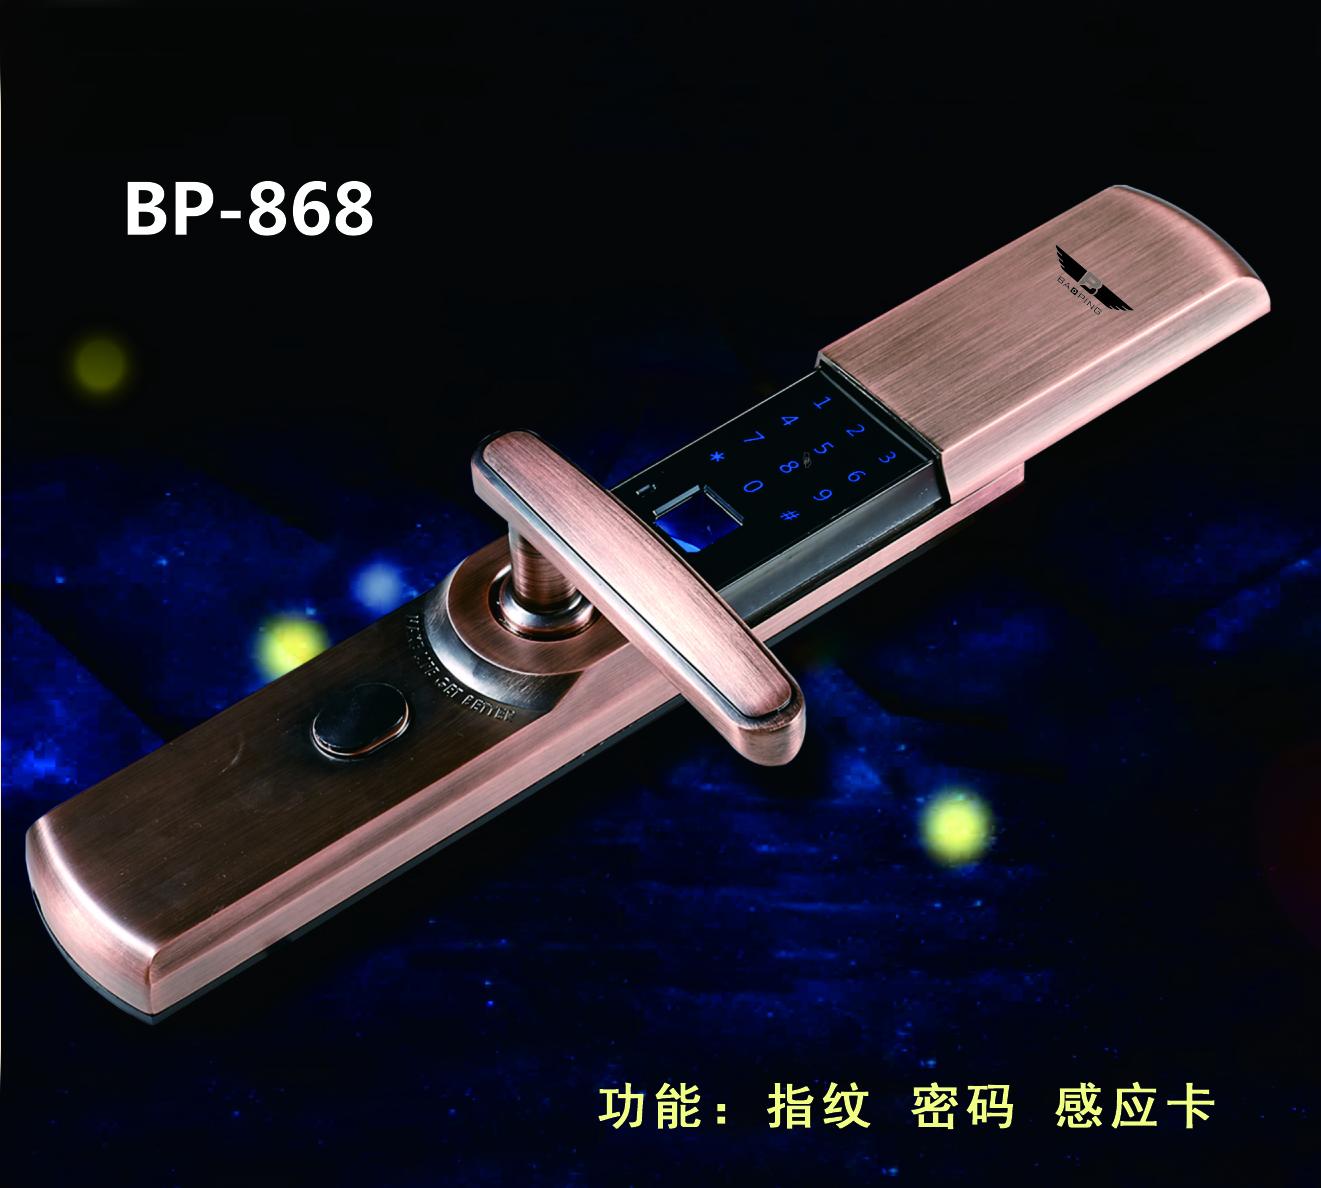 BP-868指纹密码刷卡锁